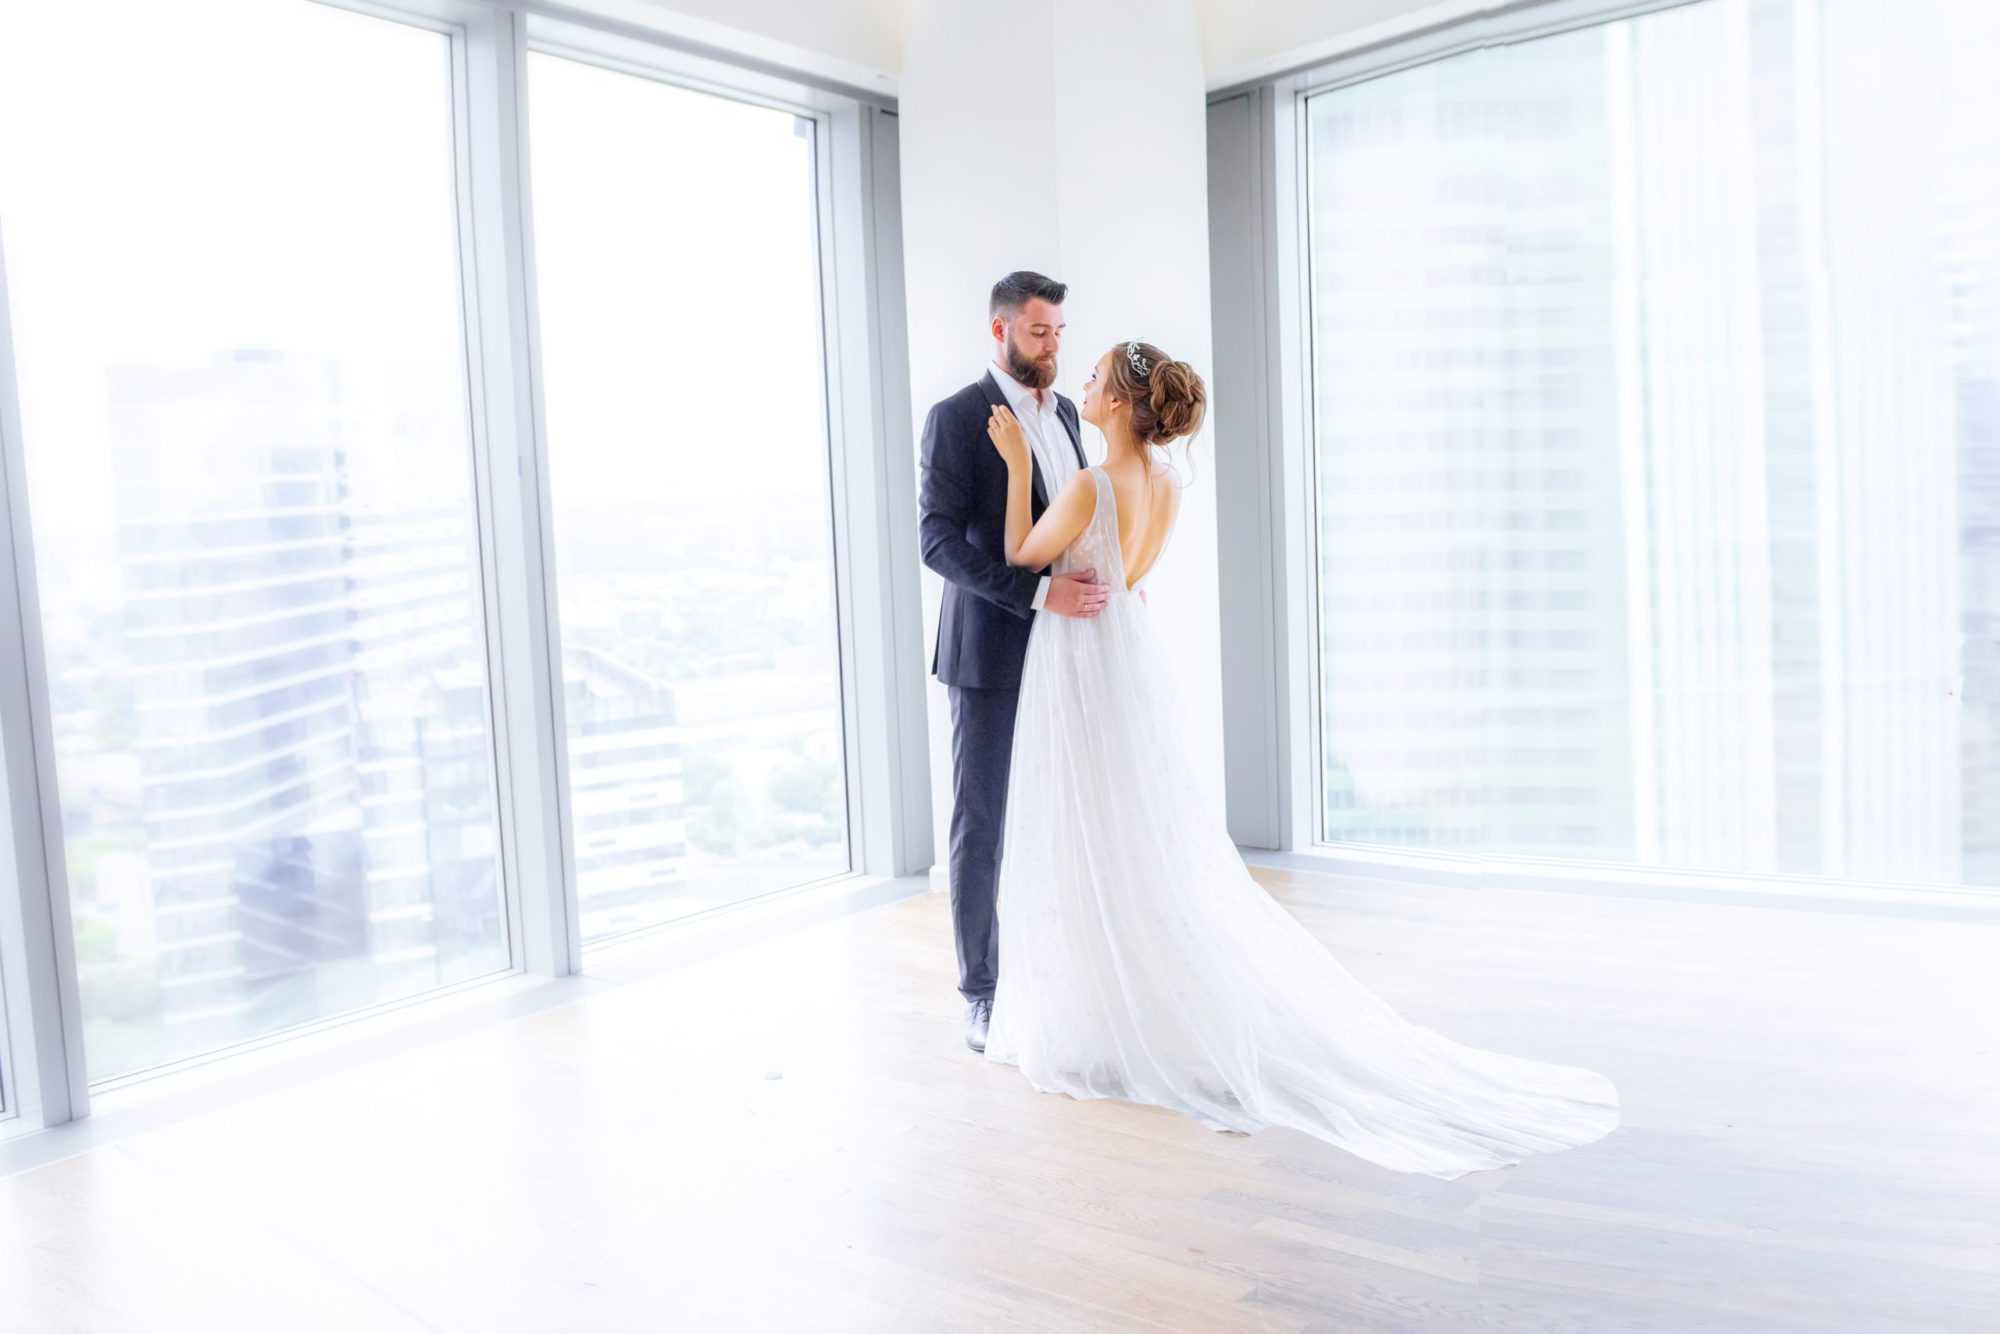 сколько времени надо для фтосъемки свадьбы